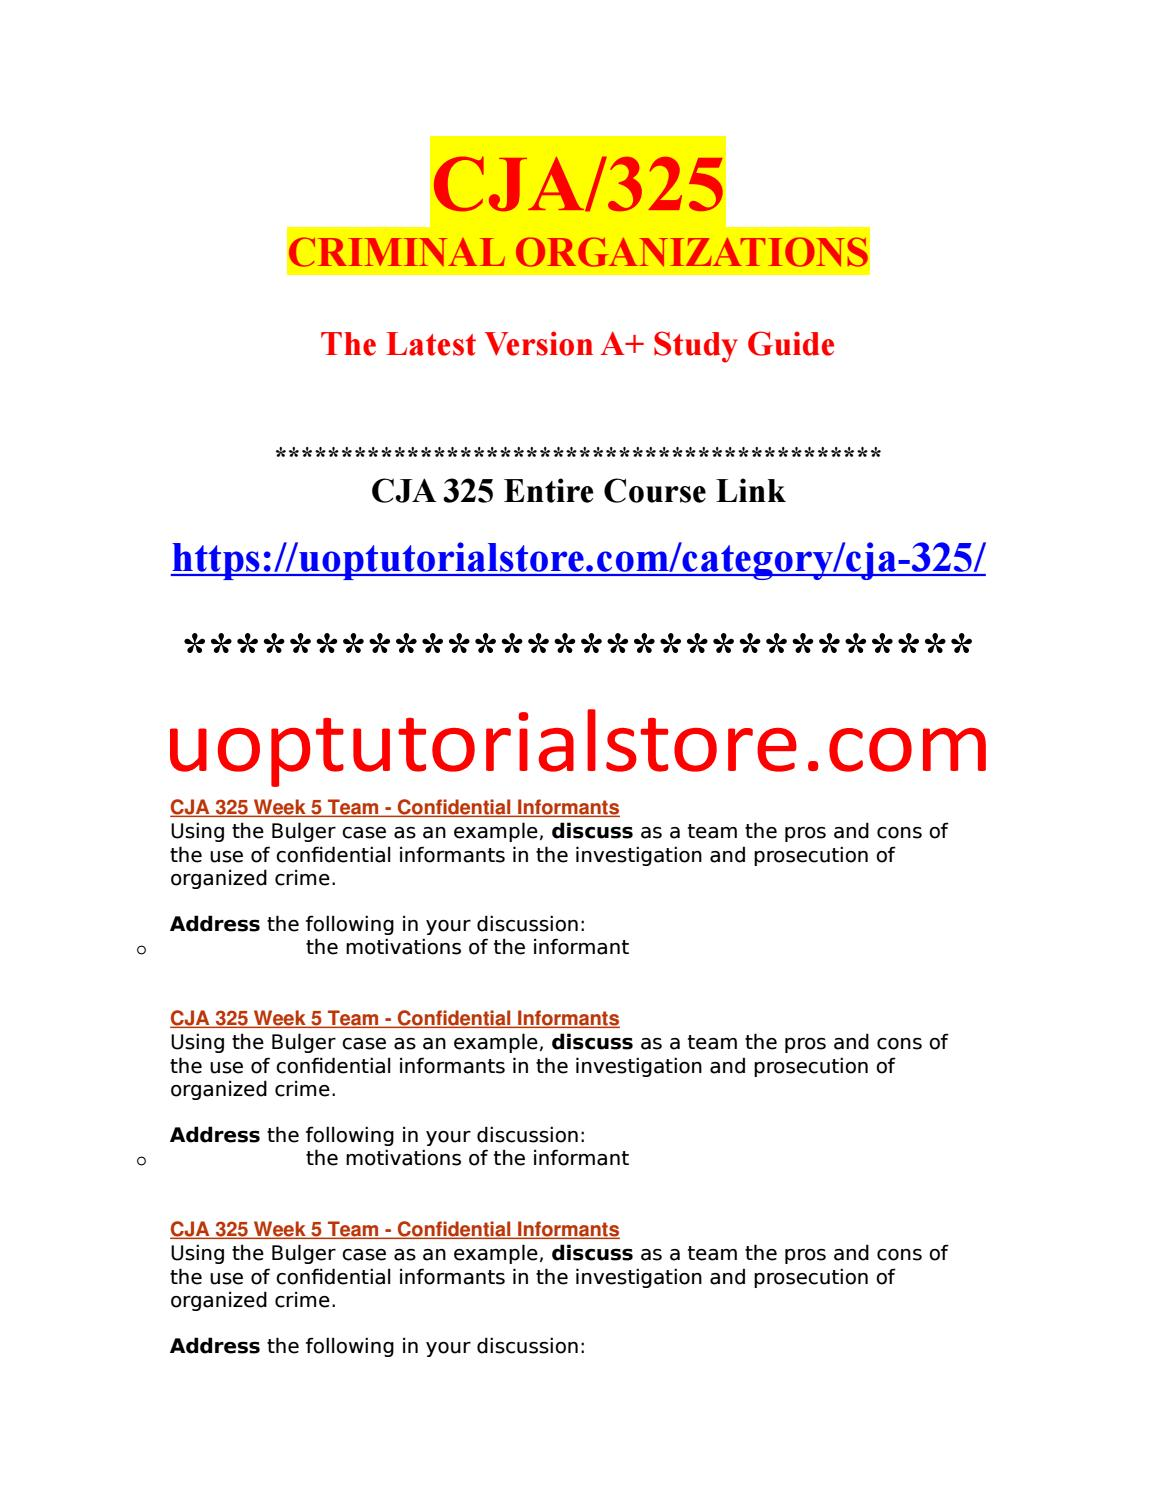 CJA 325 Week 5 Team - Confidential Informants (2)- uopstudy